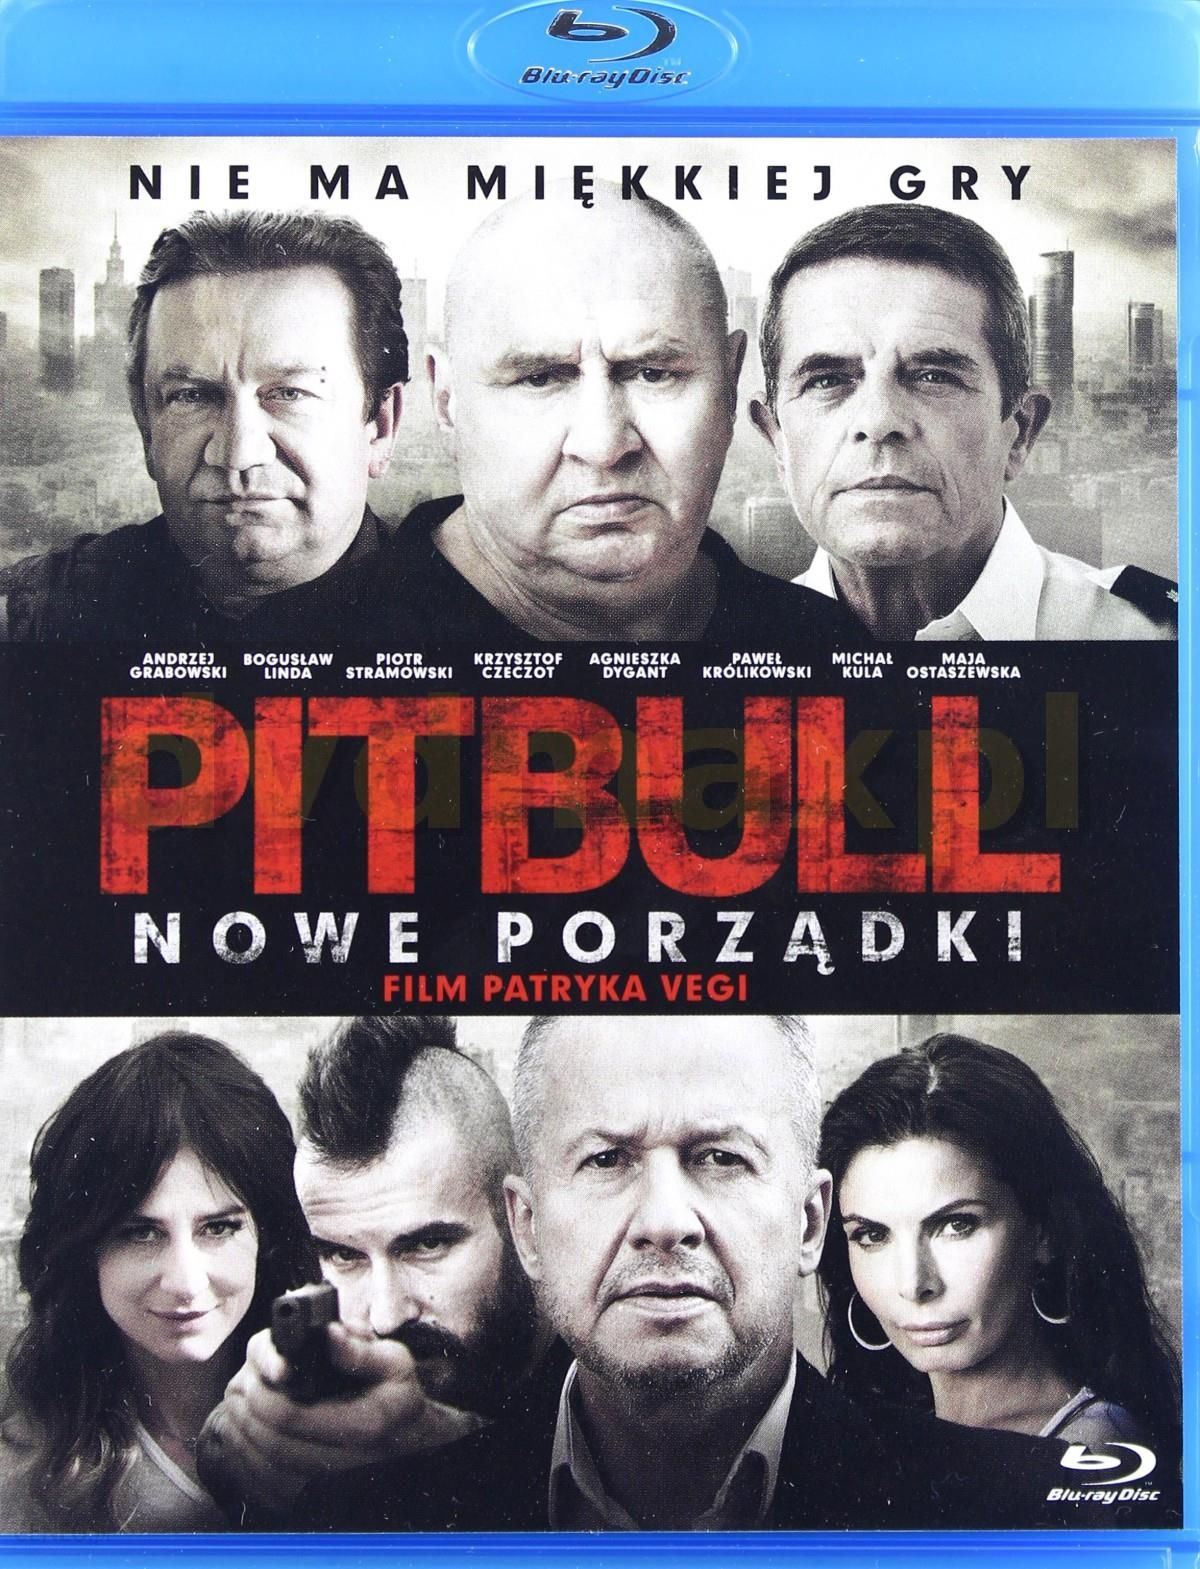 Film Blu Ray Pitbull Nowe Porzadki Blu Ray Ceny I Opinie Ceneo Pl